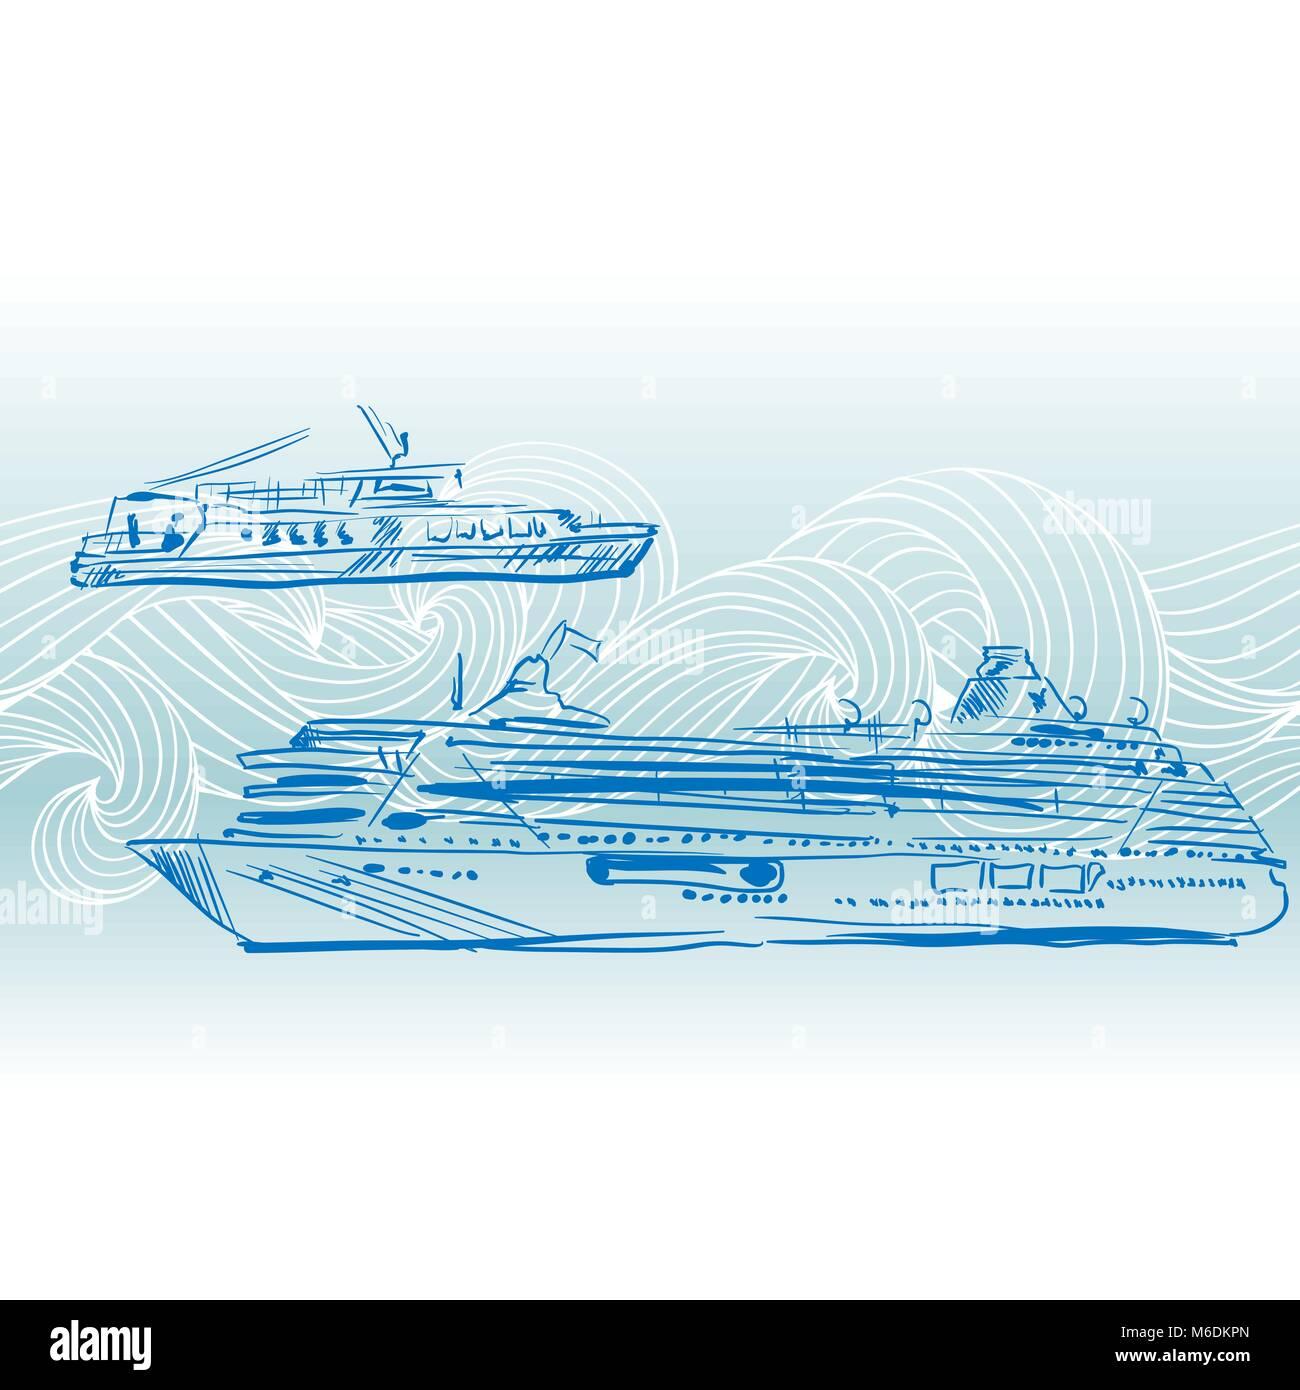 Cruise ships vector background. Engraving Nautical design - Stock Vector